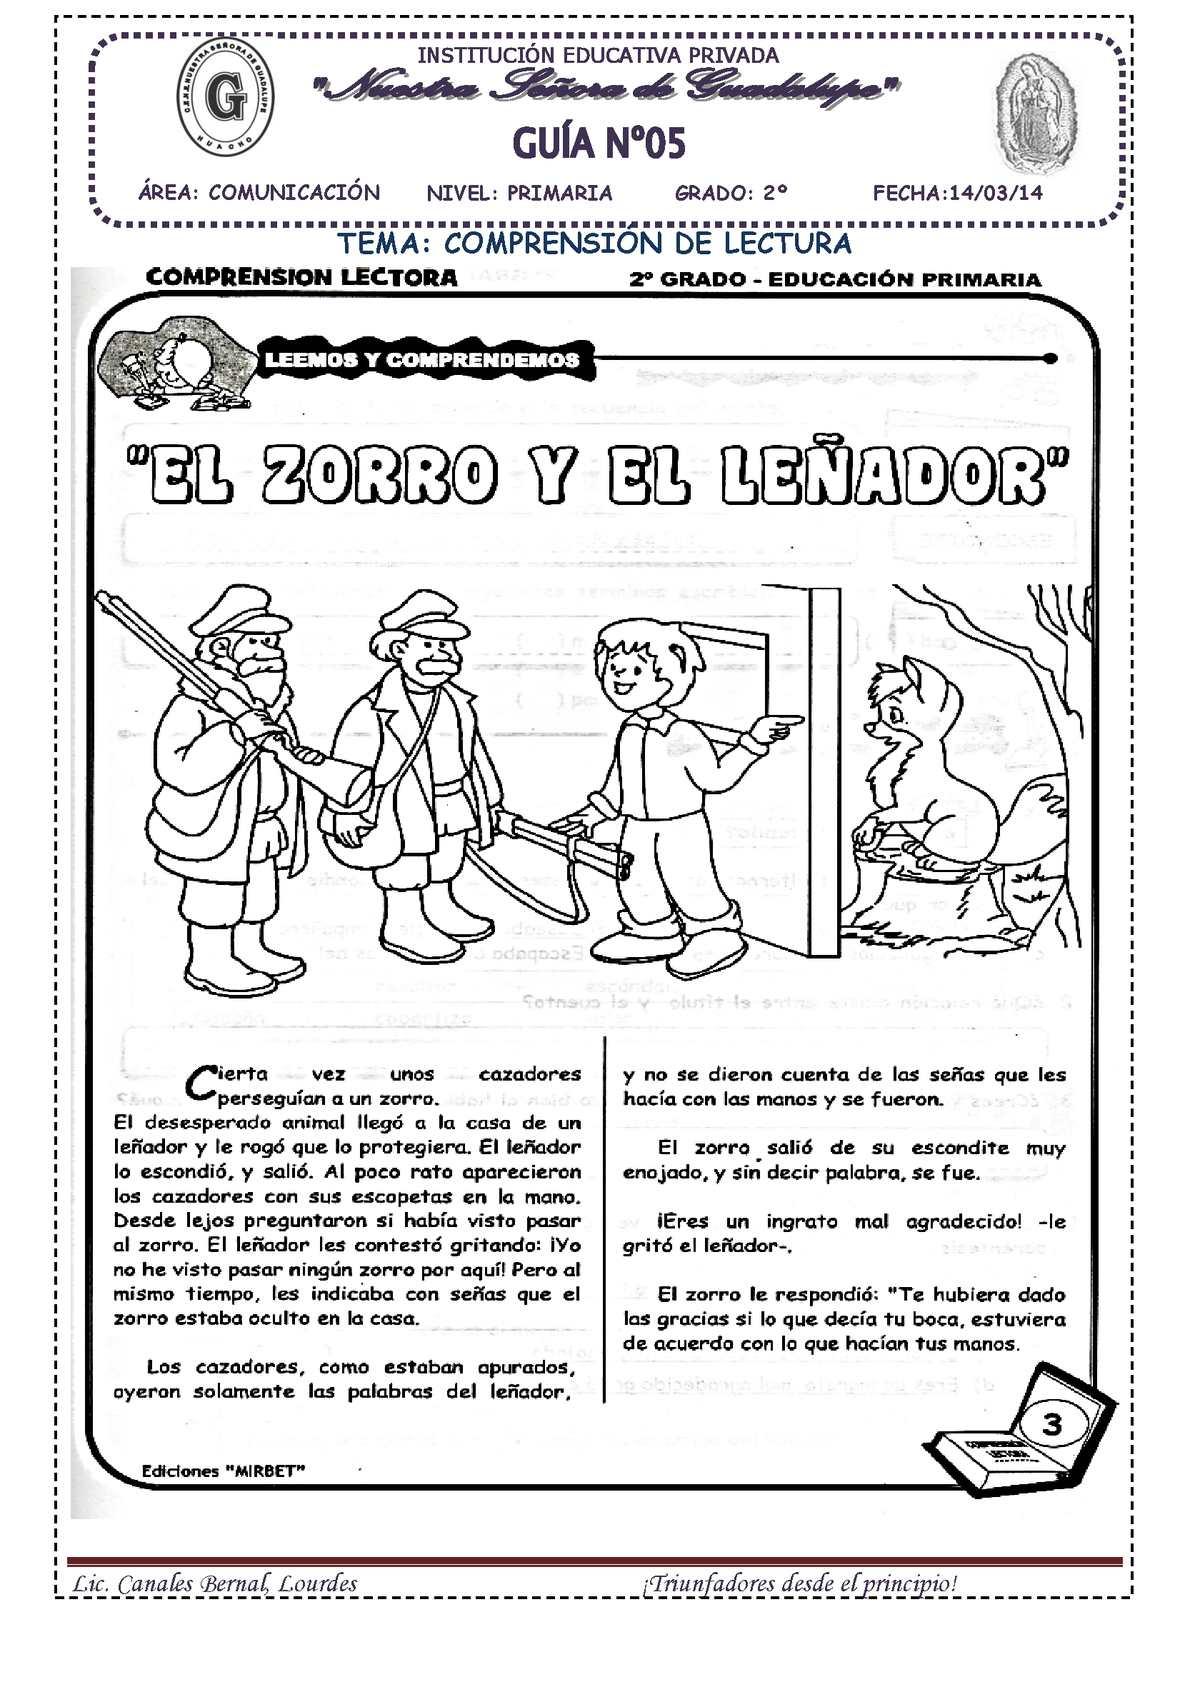 Calaméo - EL ZORRO Y EL LEÑADOR -C.L.